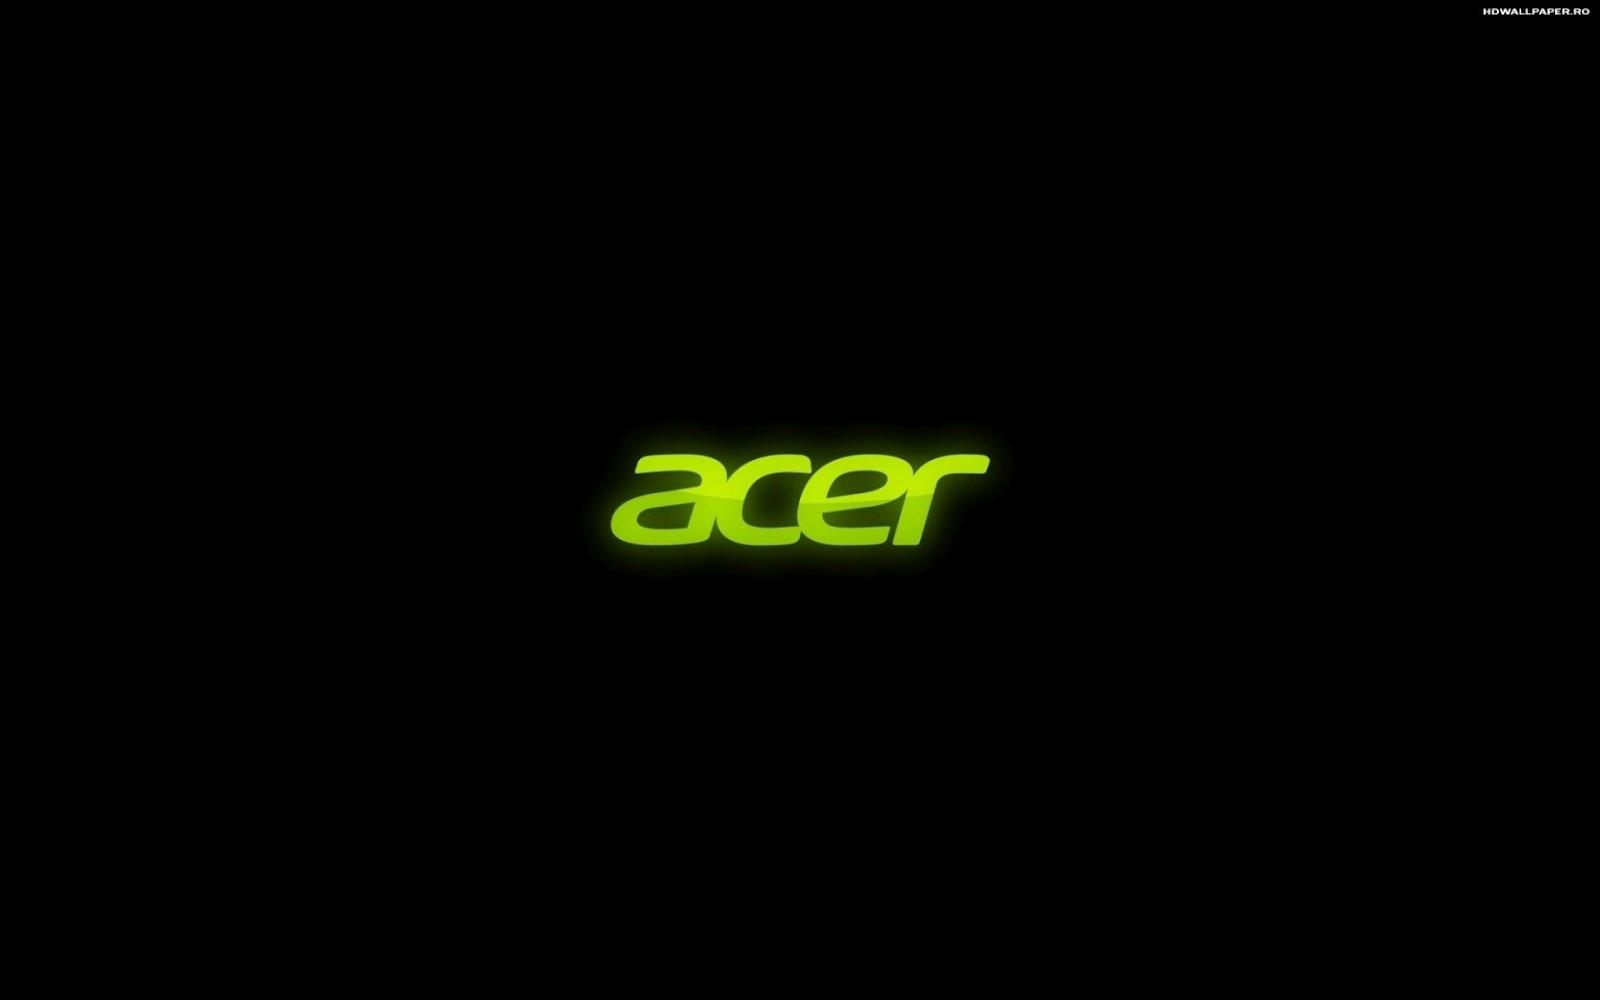 Acer Logo 3D HD Wallpaper 1600x1000